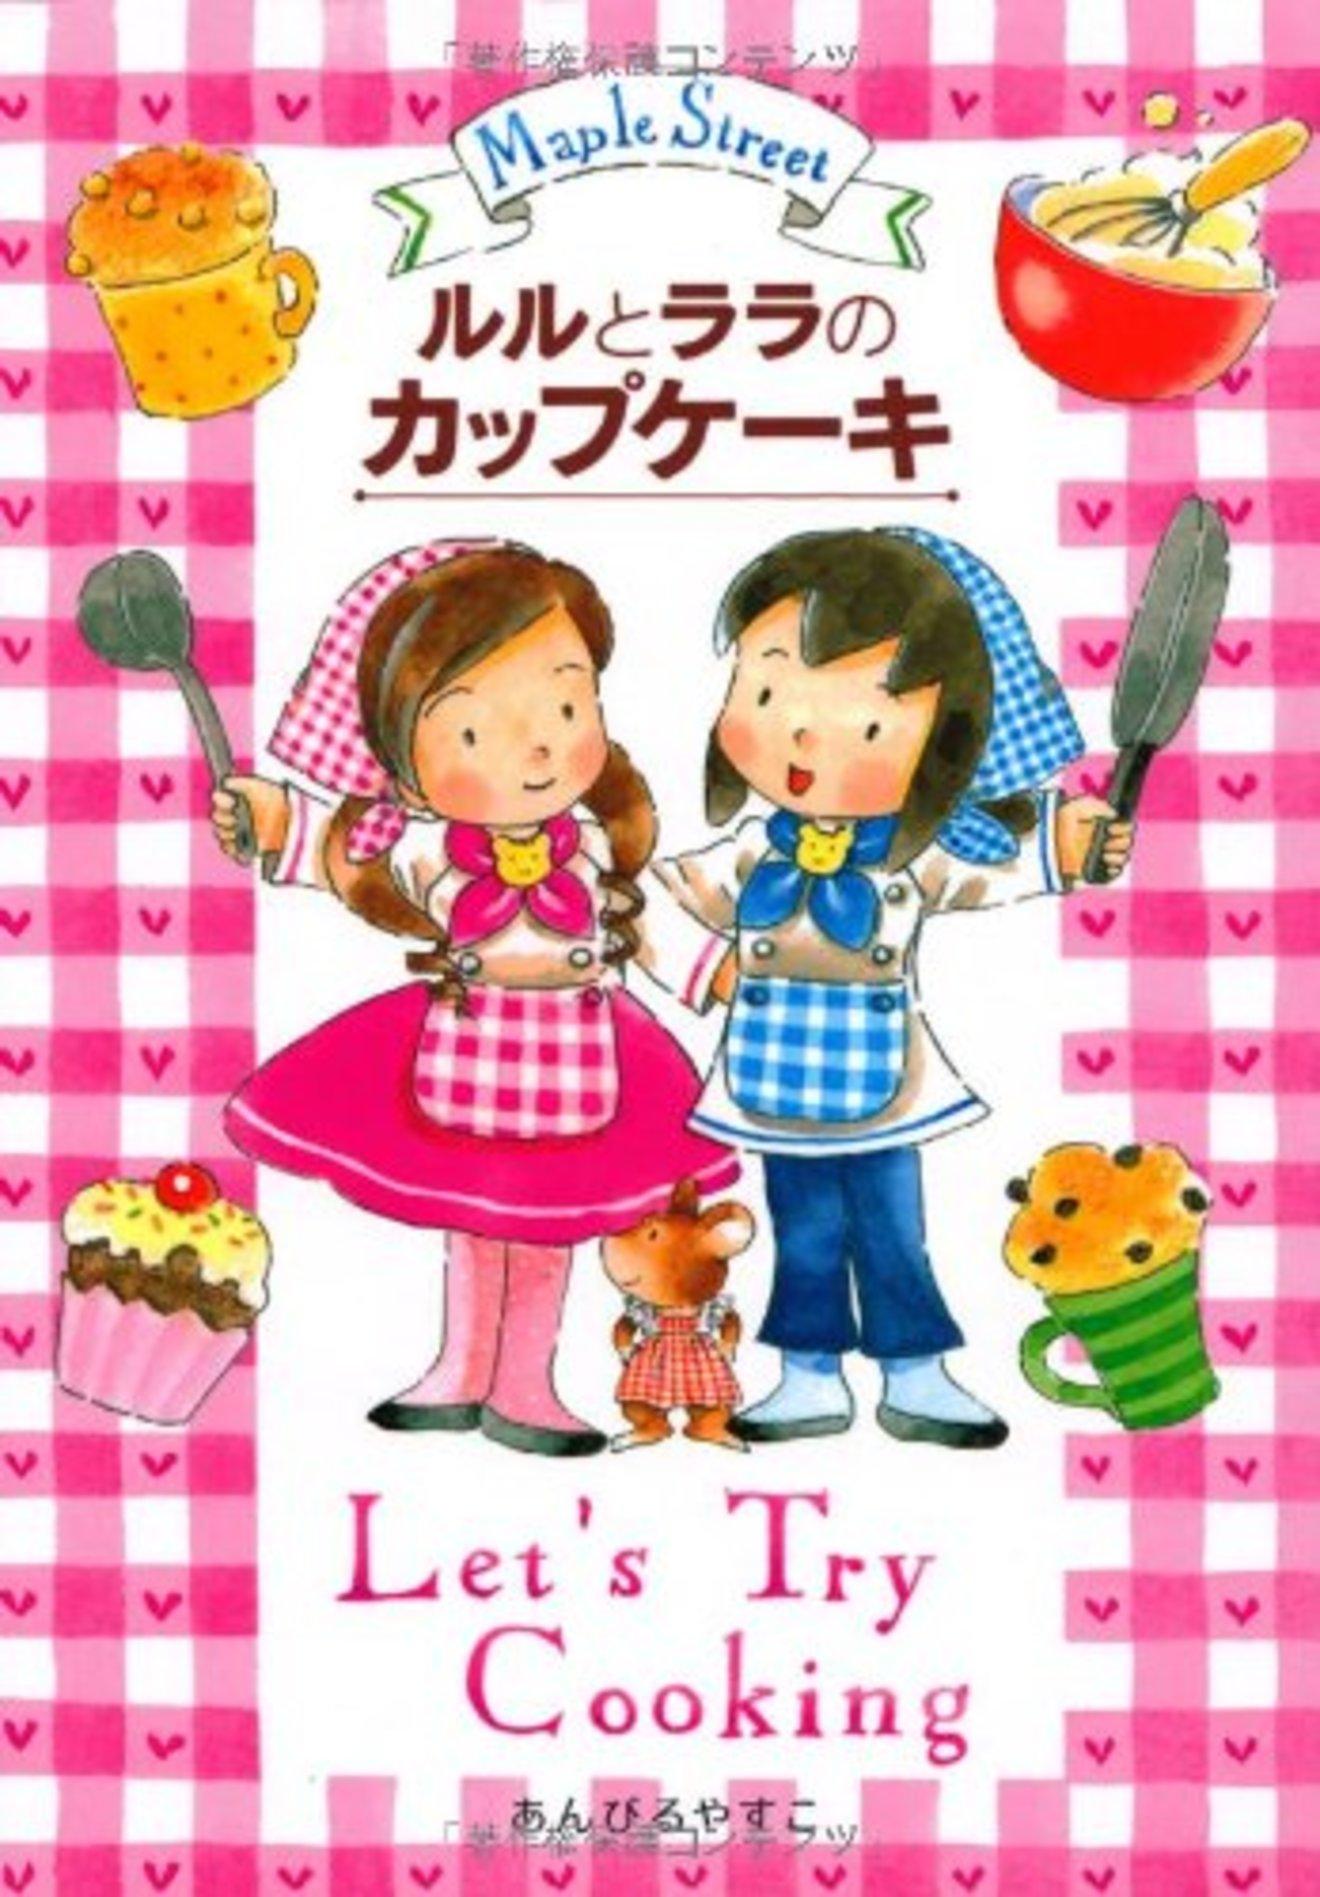 「ルルとララのおかしやさん」シリーズのおすすめ本とスイーツのレシピを紹介